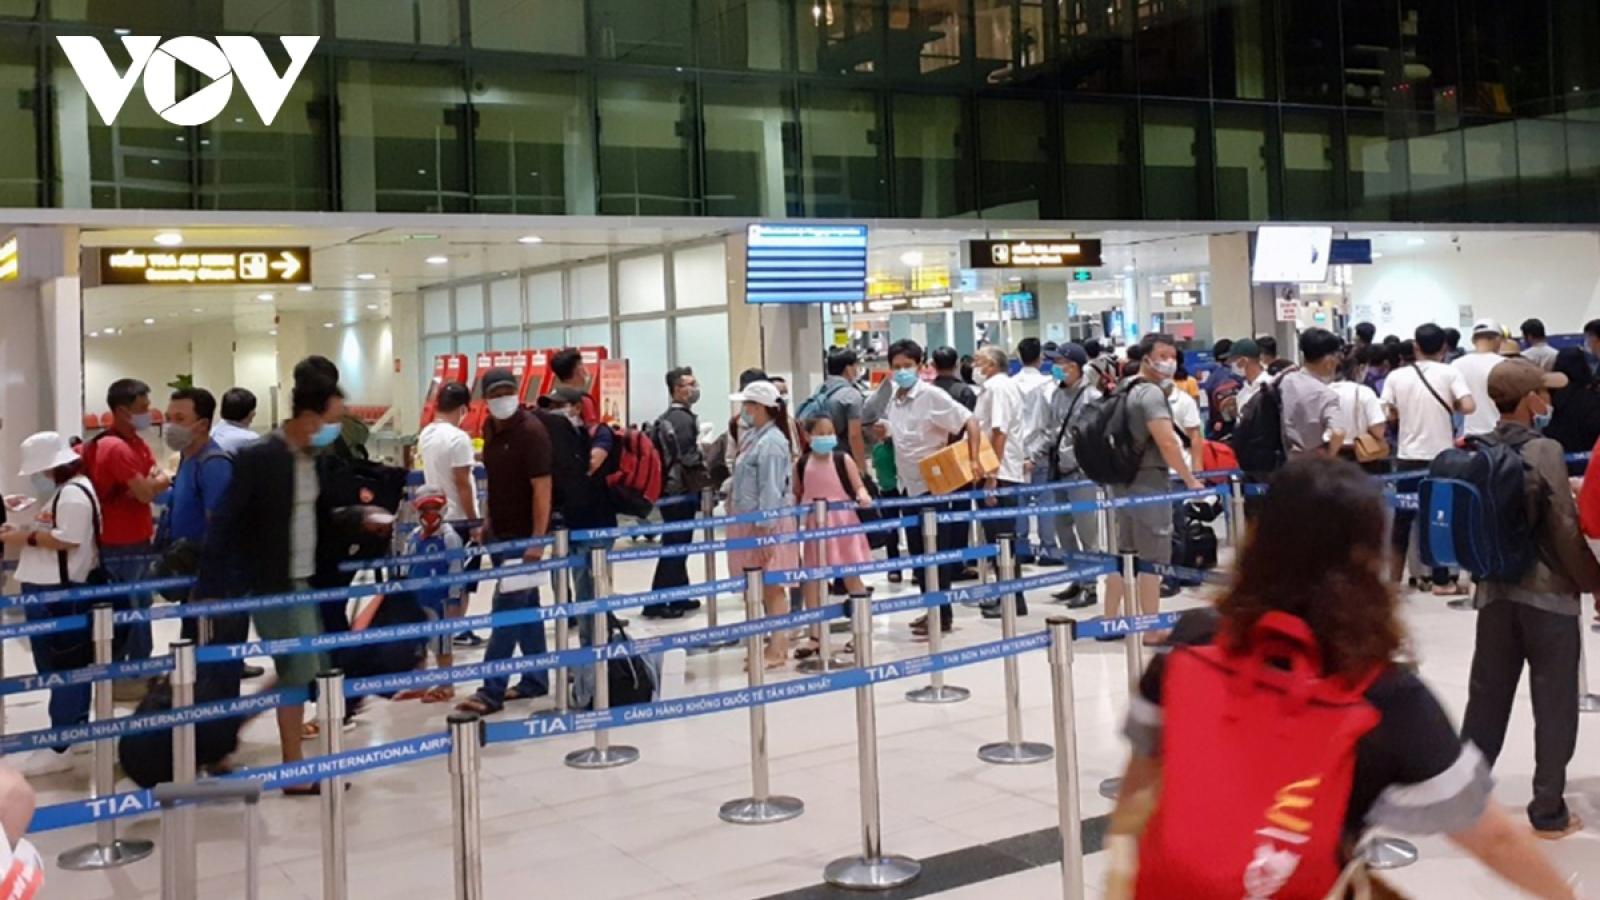 Từ ngày 9/7, mỗi ngày chỉ cho phép 54 chuyến bay đi, đến TP. Hồ Chí Minh